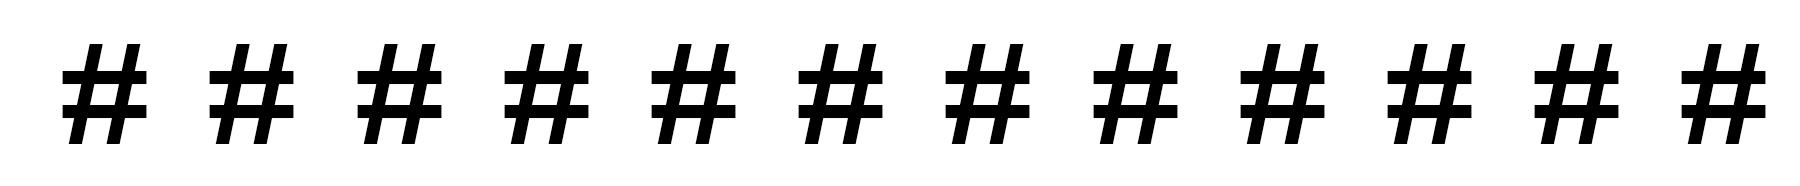 row hashtags